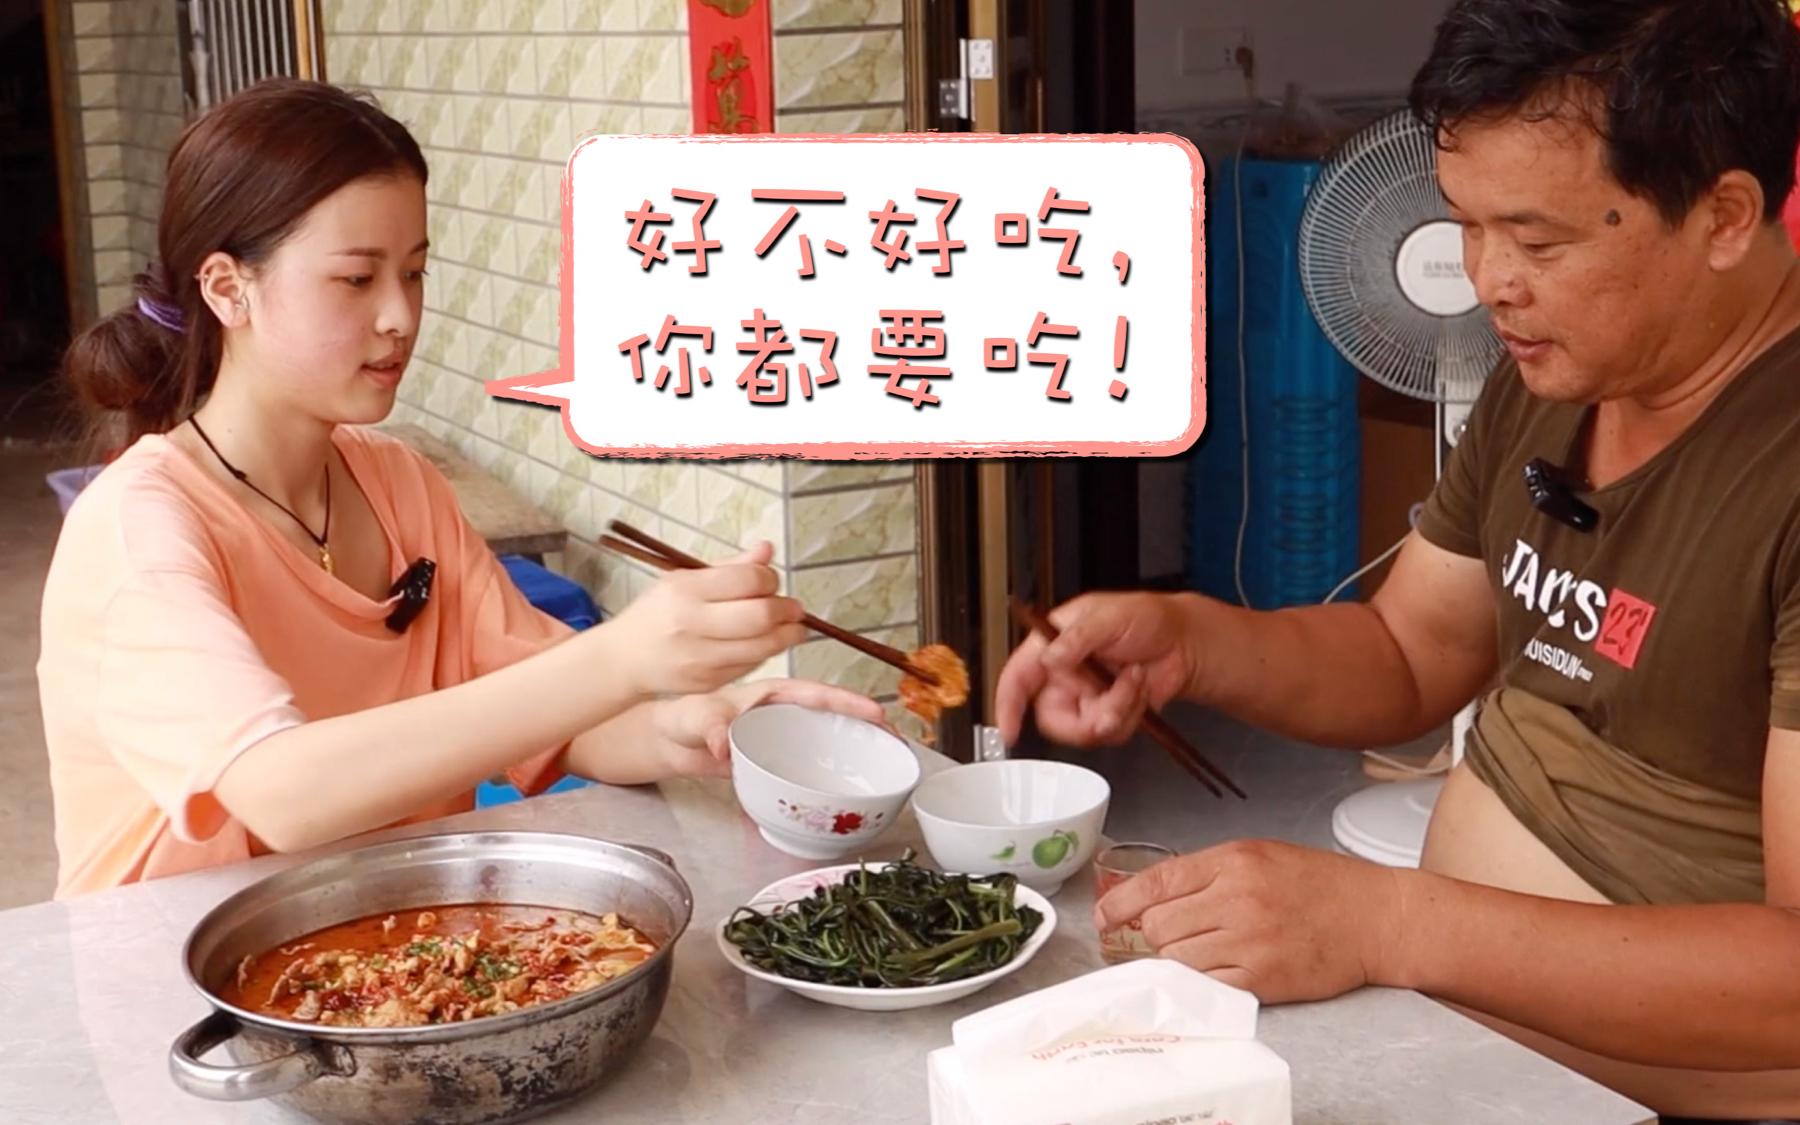 小漆做菜:今天做水煮肉片,爸爸吐槽回来这么久第一次吃我做的饭!